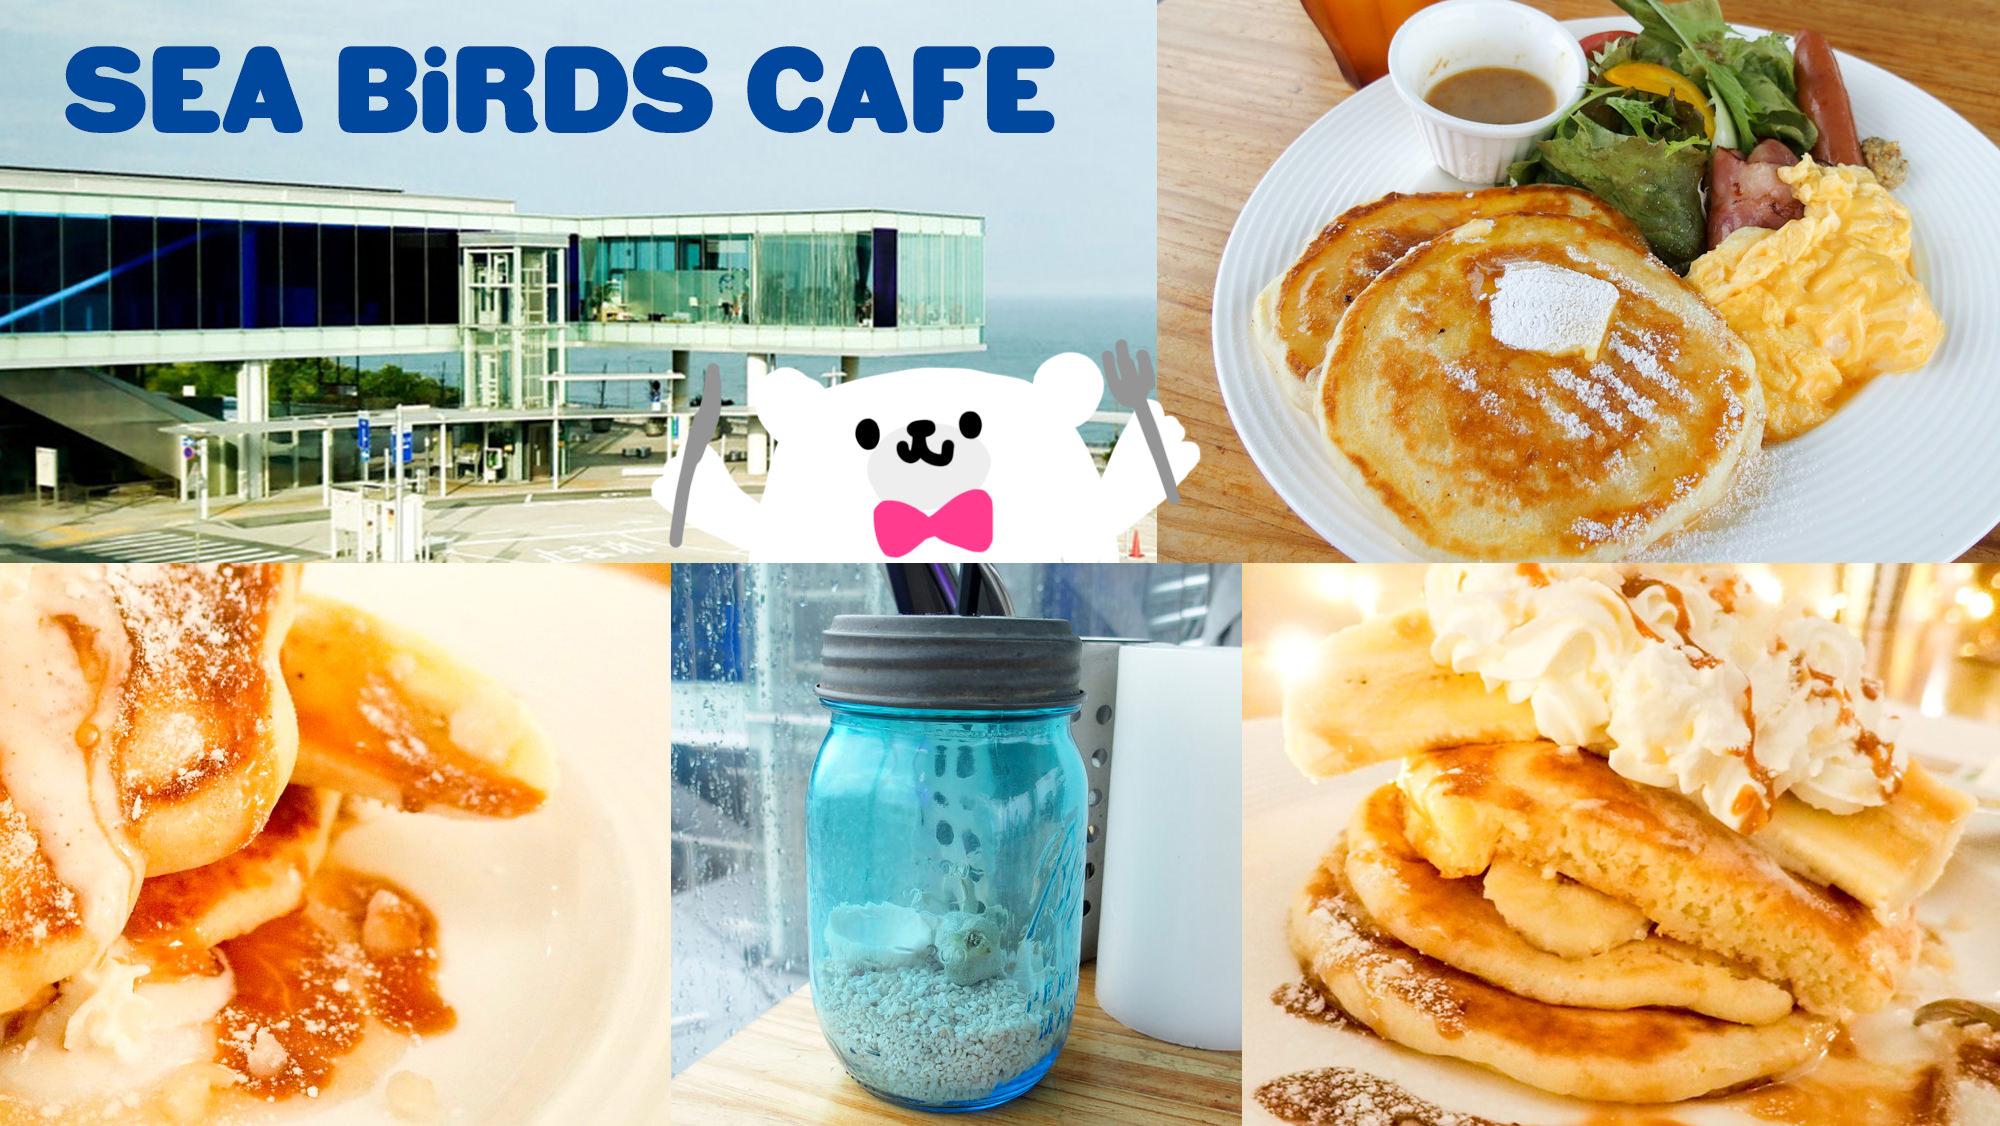 【茨城】日立駅直結!シーバーズカフェでハワイアンなもちふわパンケーキと絶景を堪能♪ #kenpoku